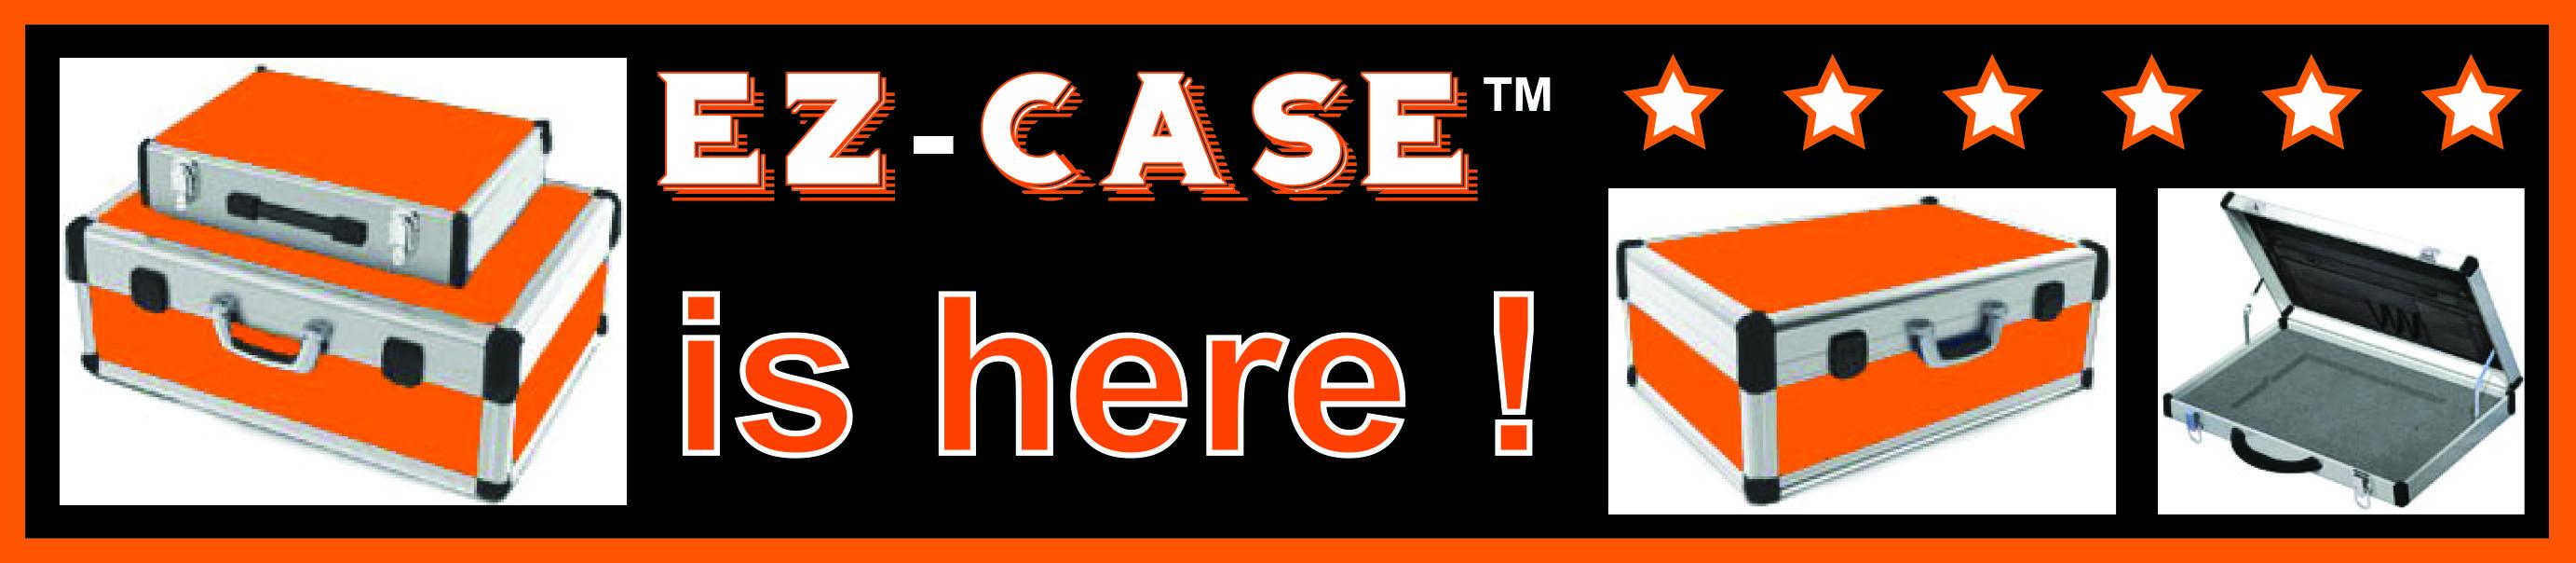 banner-ez-case-products.jpg